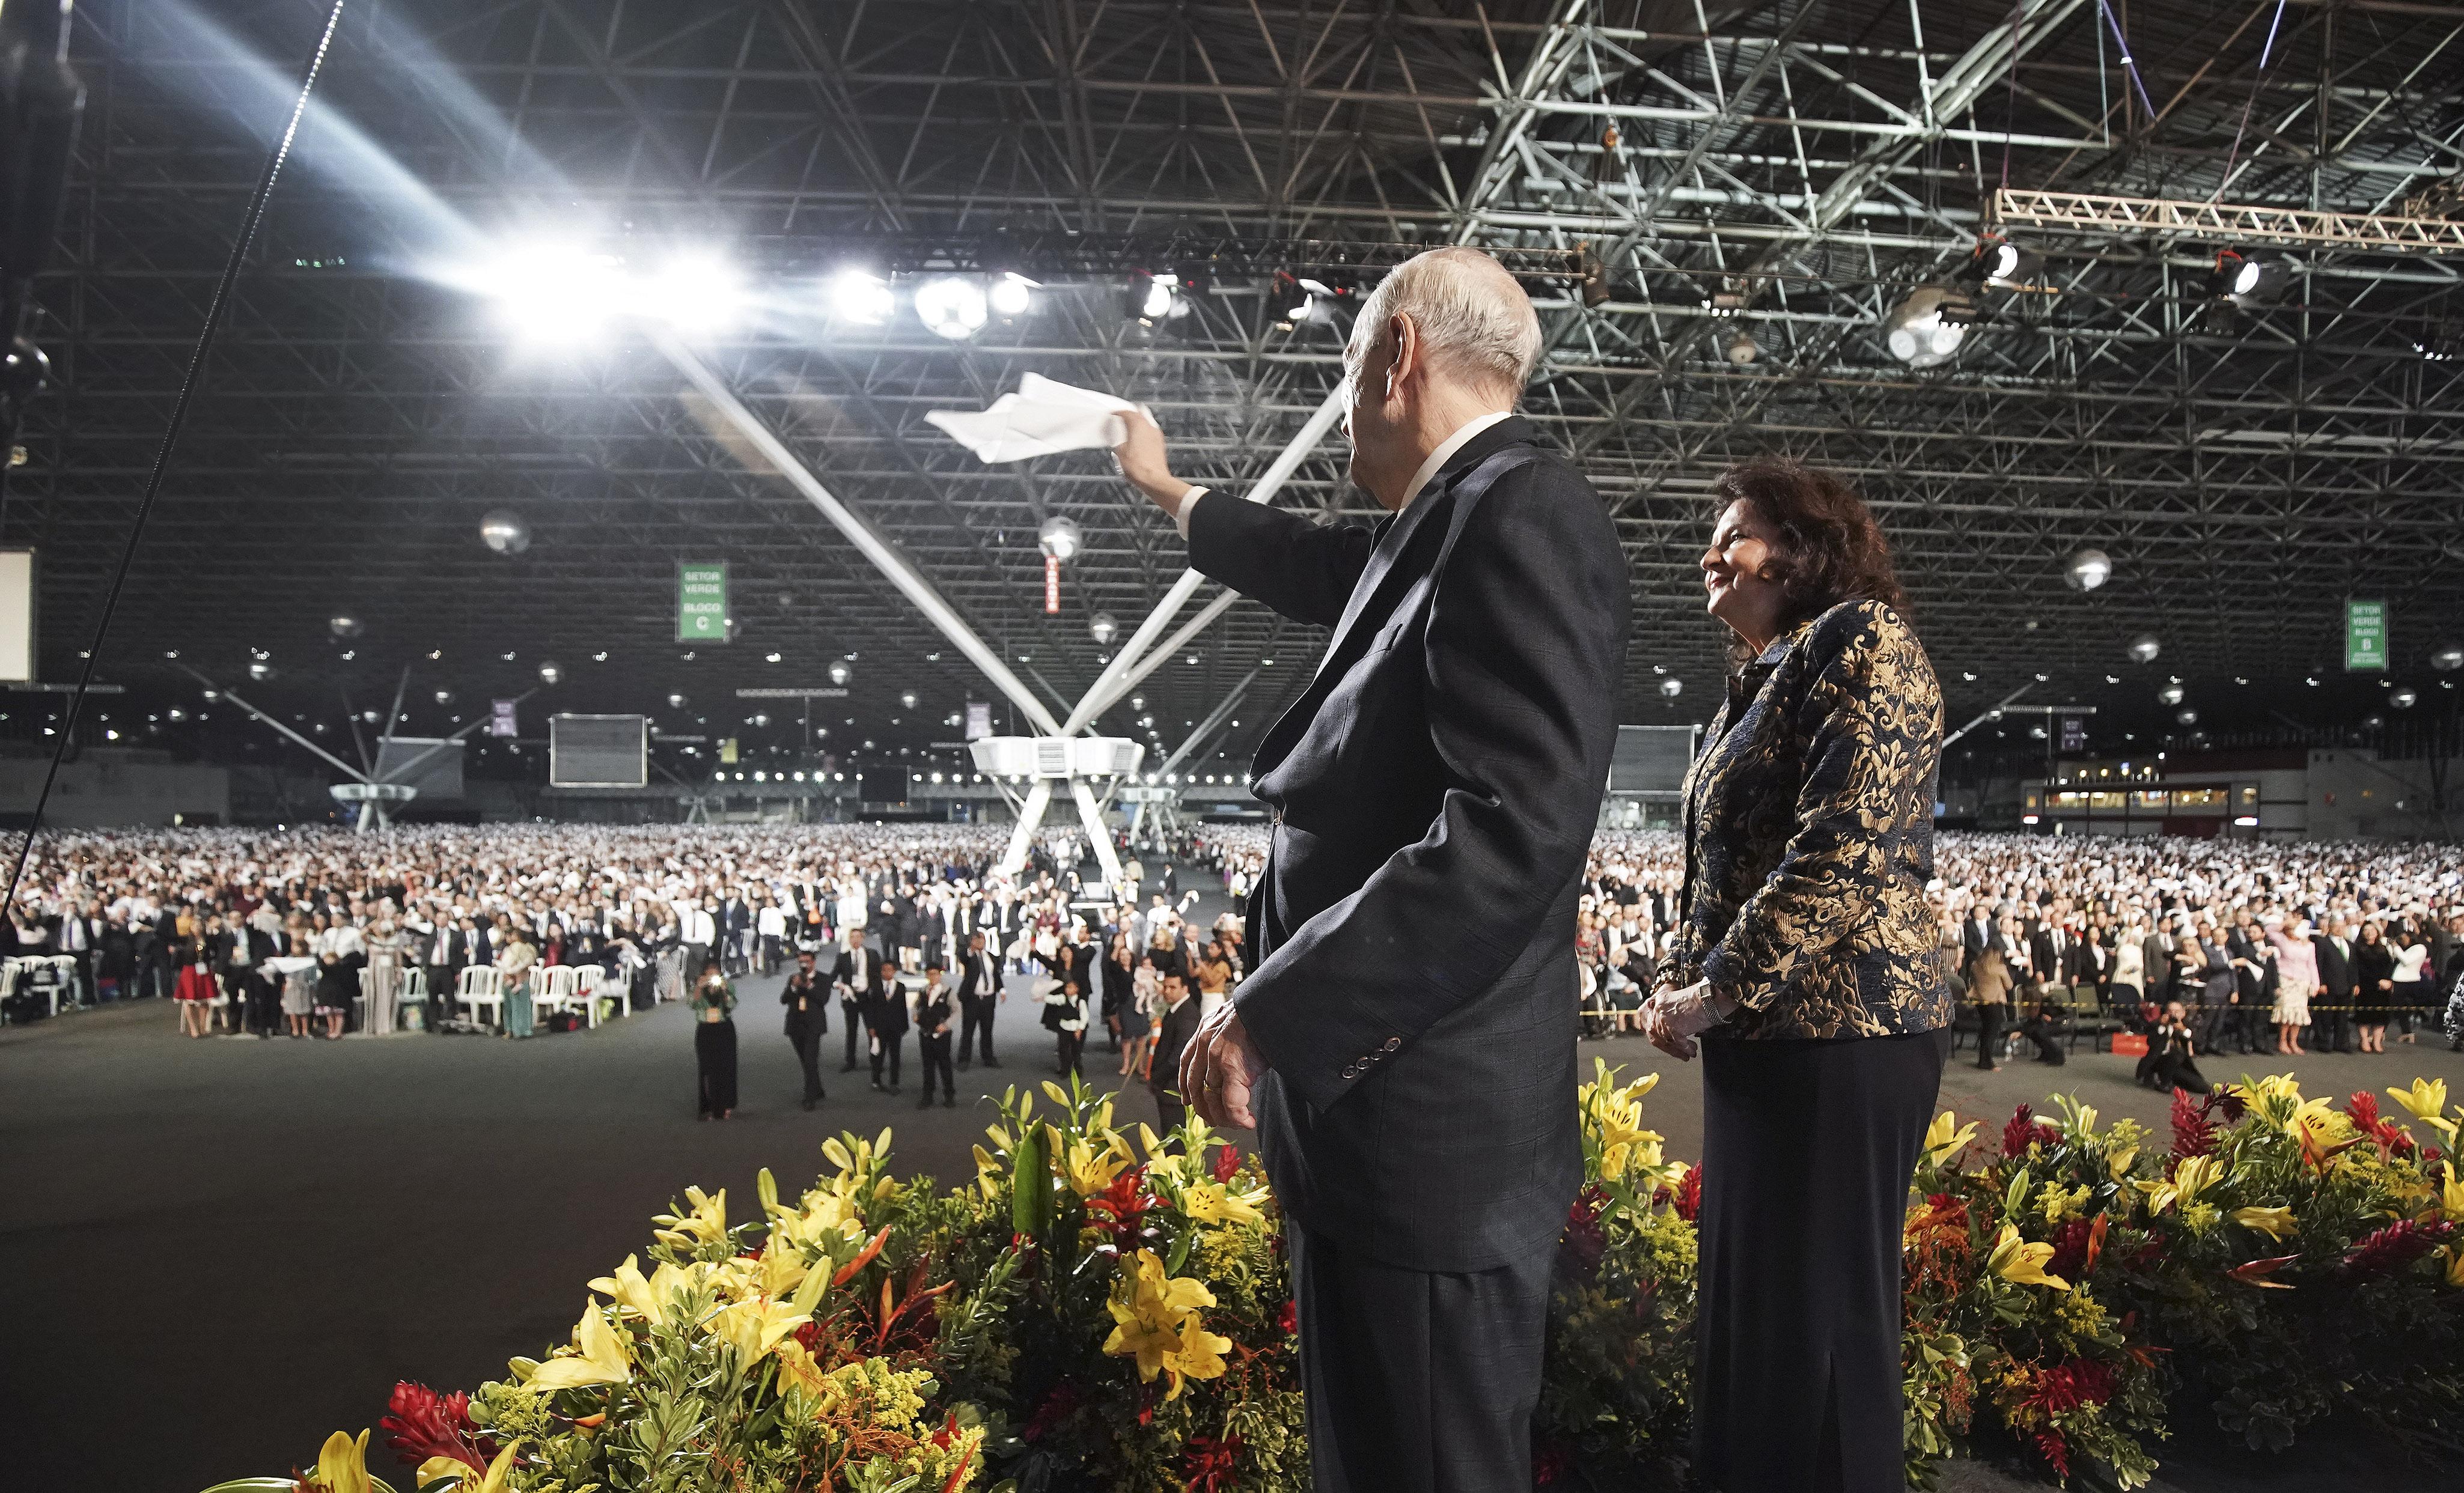 El presidente Russell M. Nelson de La Iglesia de Jesucristo de los Santos de los Últimos Días y su esposa, la hermana Wendy Nelson, saludan a los asistentes después de un devocional en Sao Paulo, Brasil, el domingo 1 de septiembre de 2019.